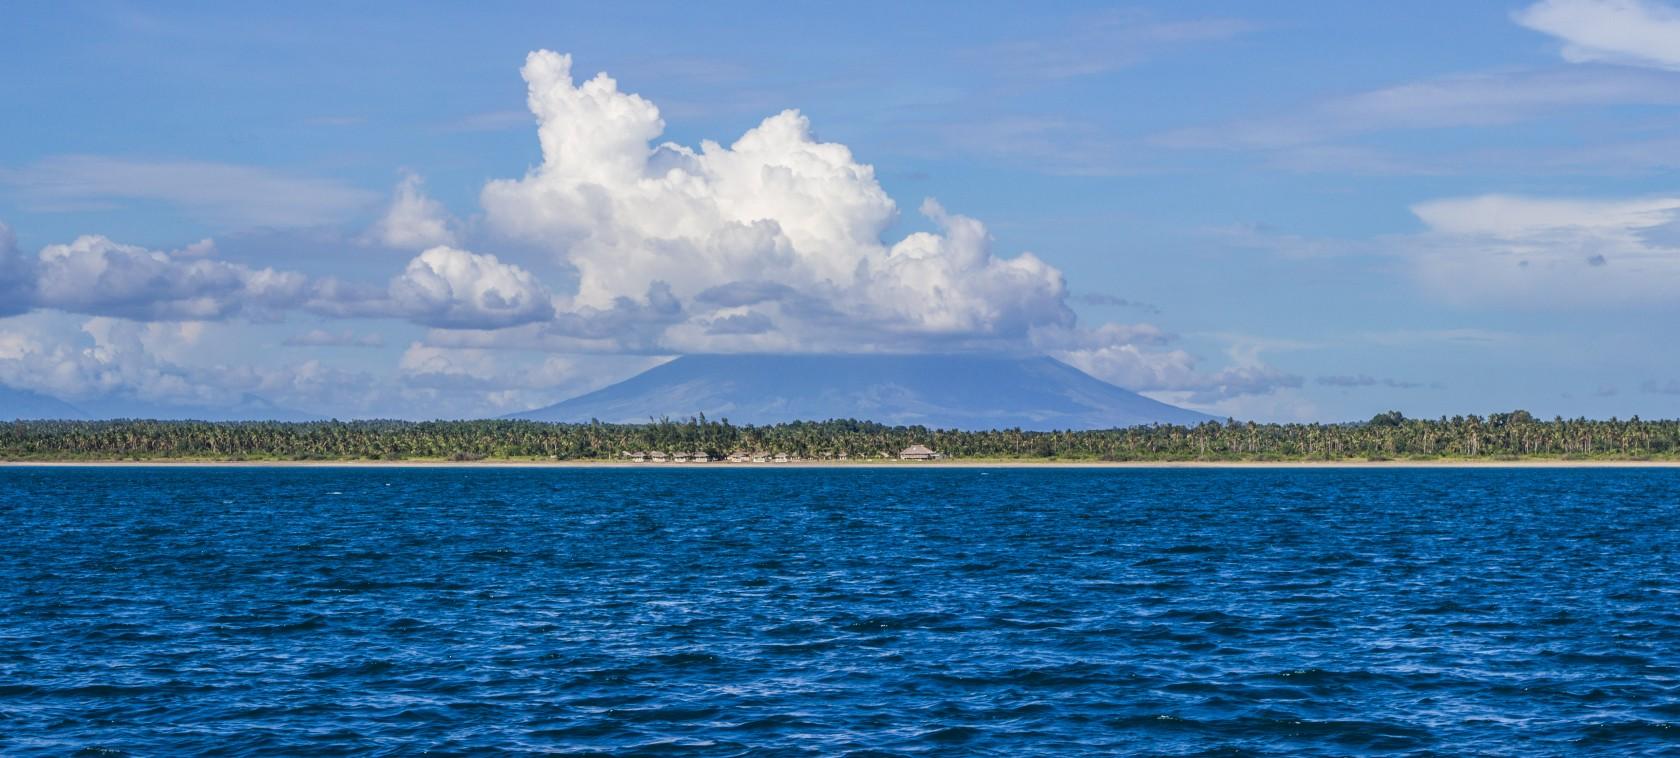 Cảnh đẹp ngoạn mục ở Philippine khiến bạn muốn xách ba lô lên và đi ngay lập tức